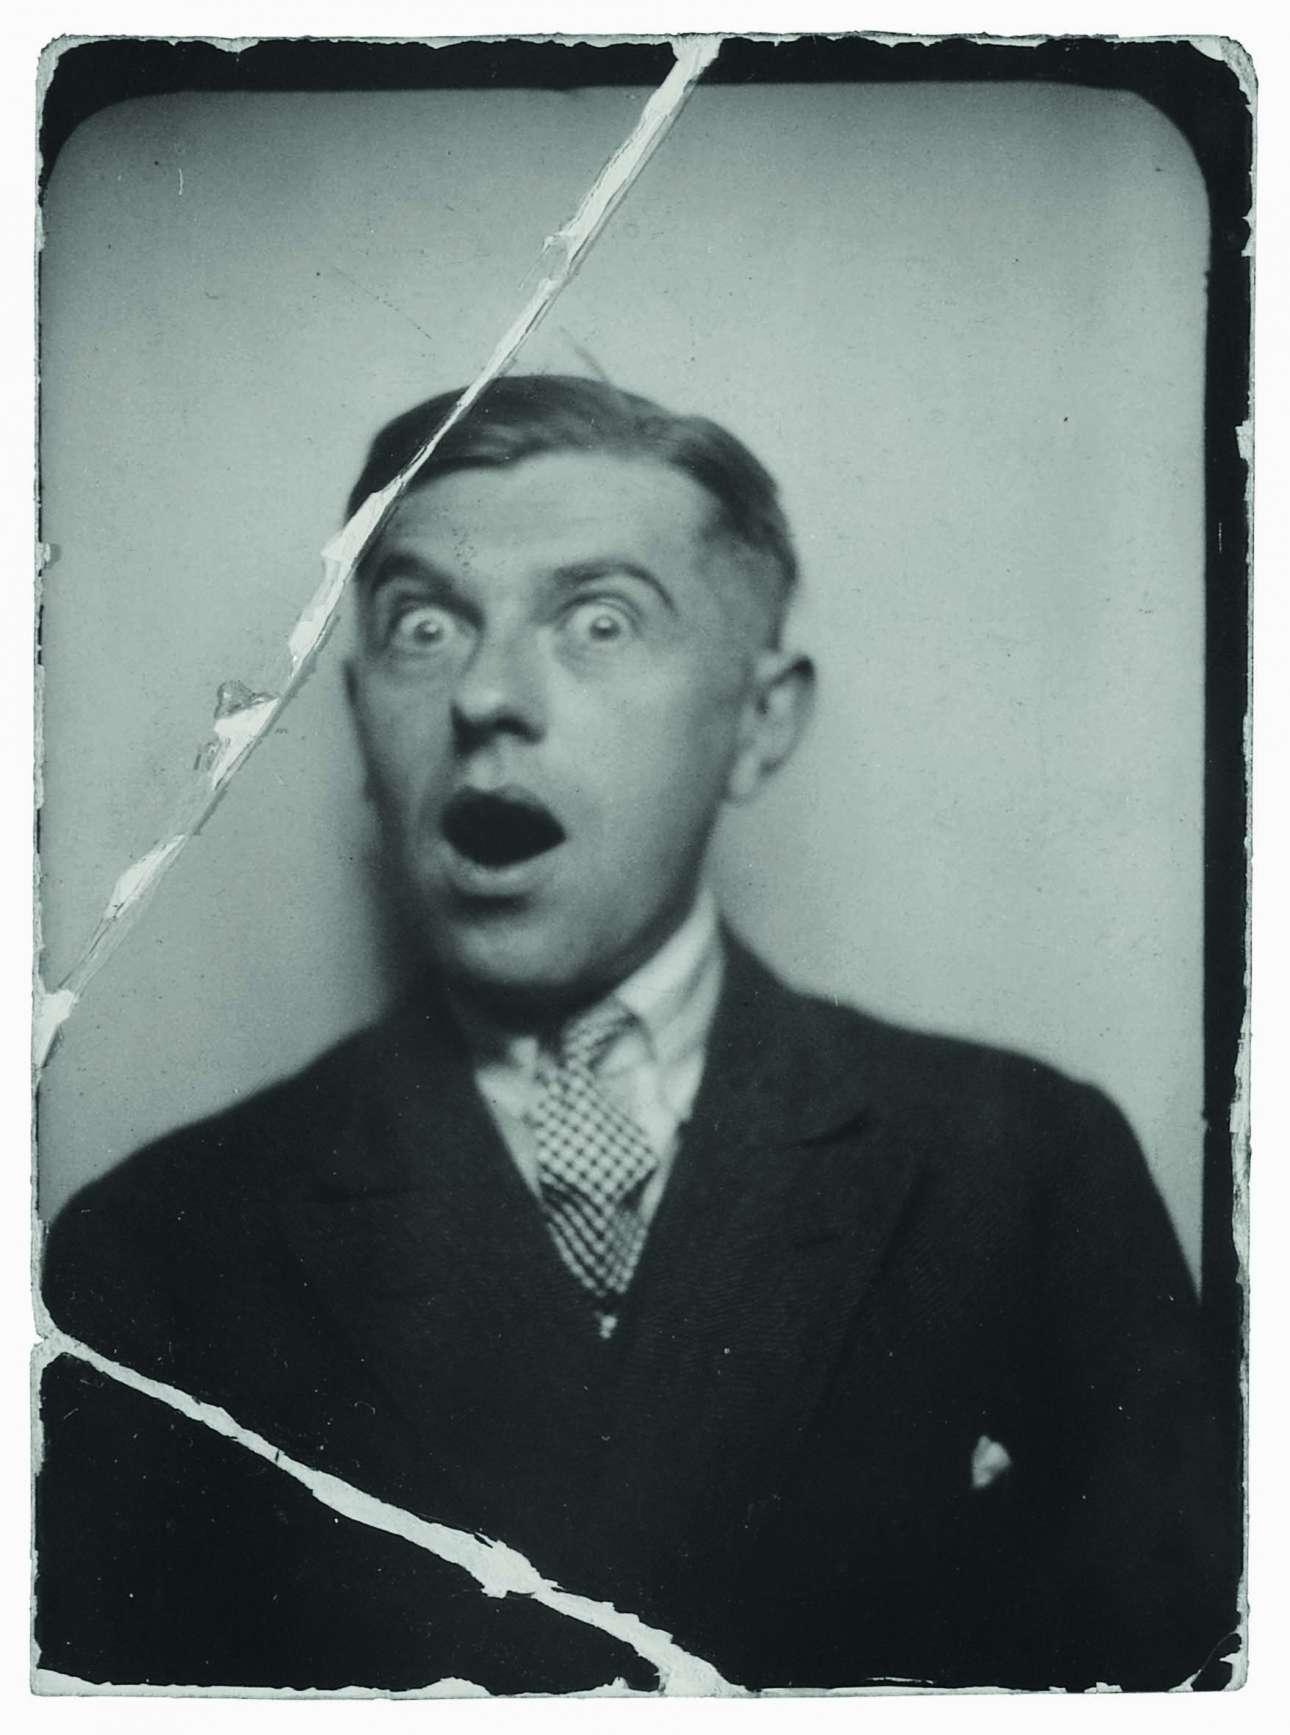 4_René Magritte_Flirtatiousness (La coquetterie)